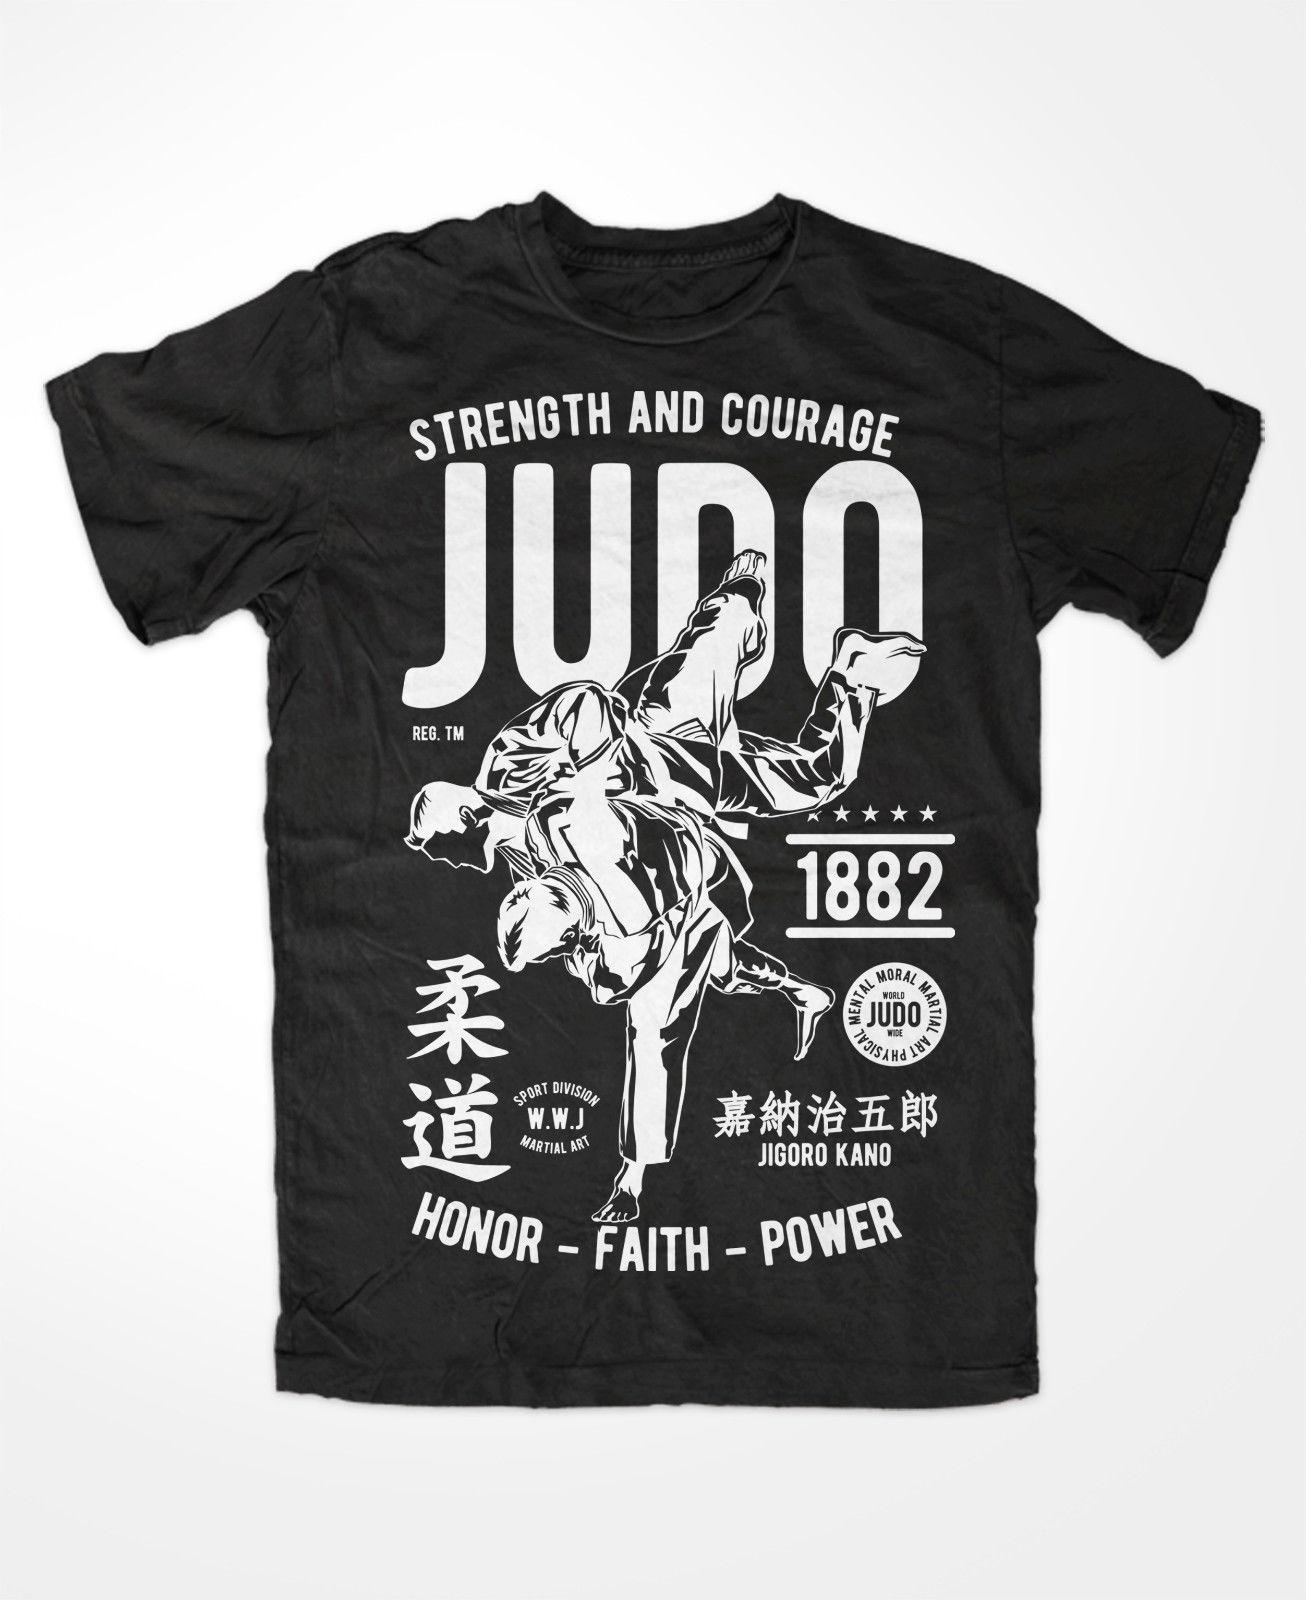 El más nuevo 2019 de verano de manga corta de moda de algodón camiseta de Judo Kampfsport de Muay Thai Ringen Klassik y cerveza vieja escuela lucha Outlaw Boxen Judokat camisa